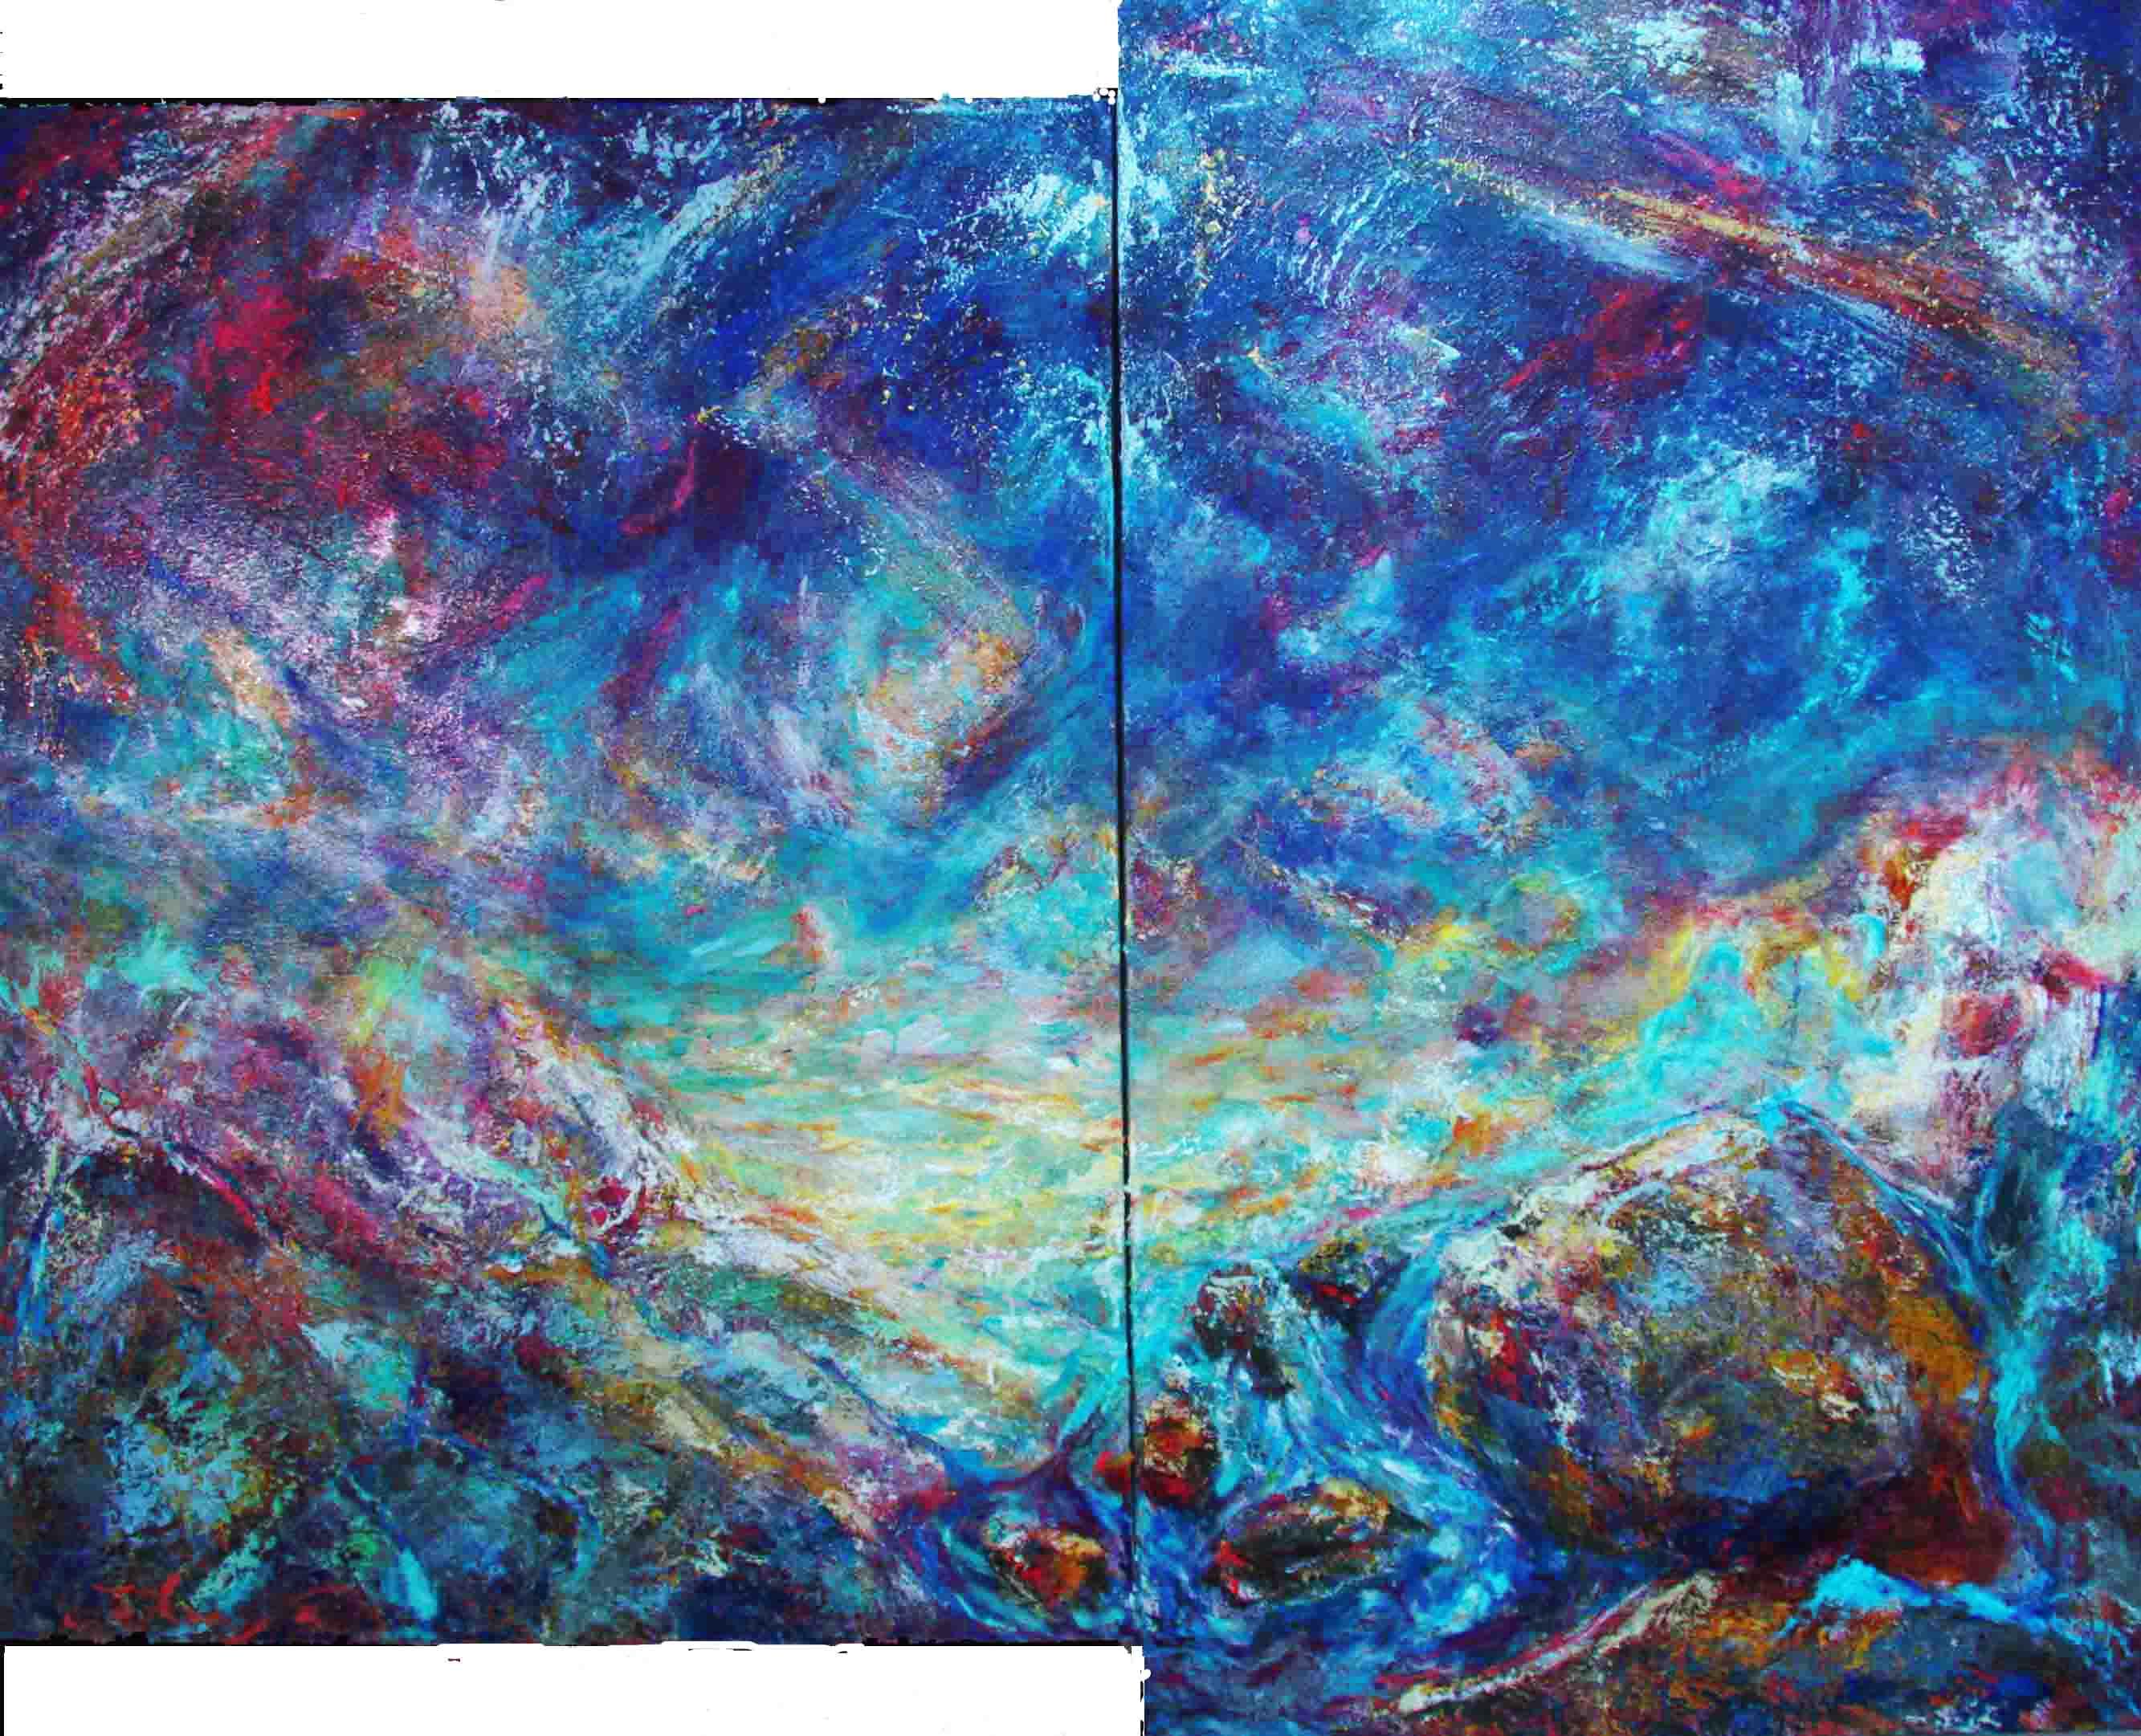 cosmic-river-152x121cm_15035237462_o